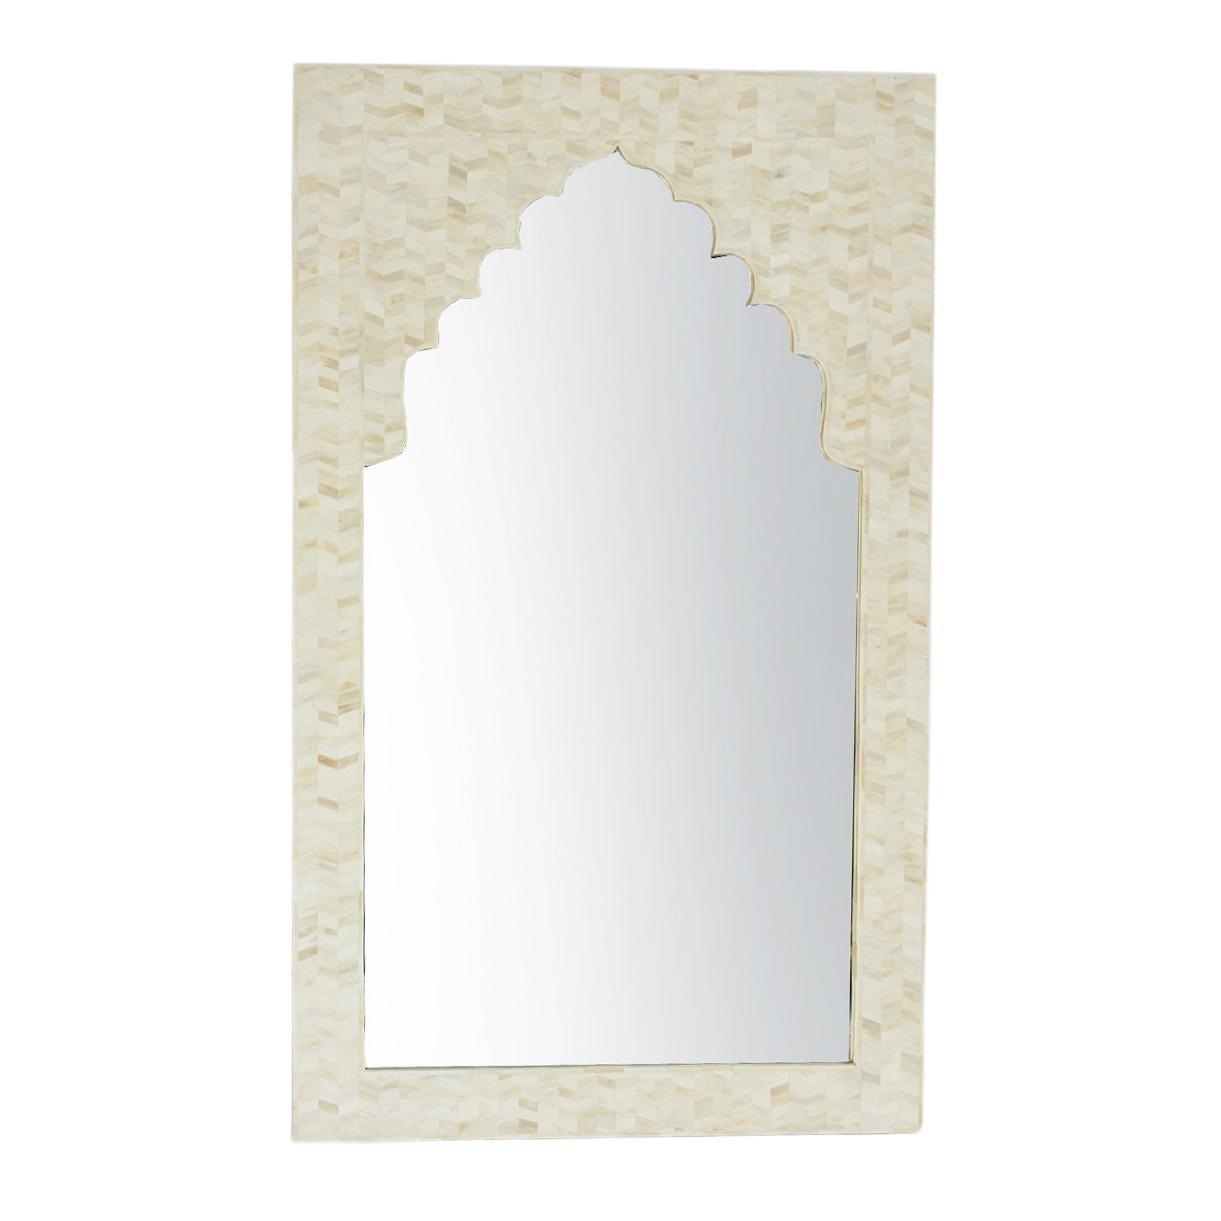 White Inlay Arch Mirror Frame | Chairish